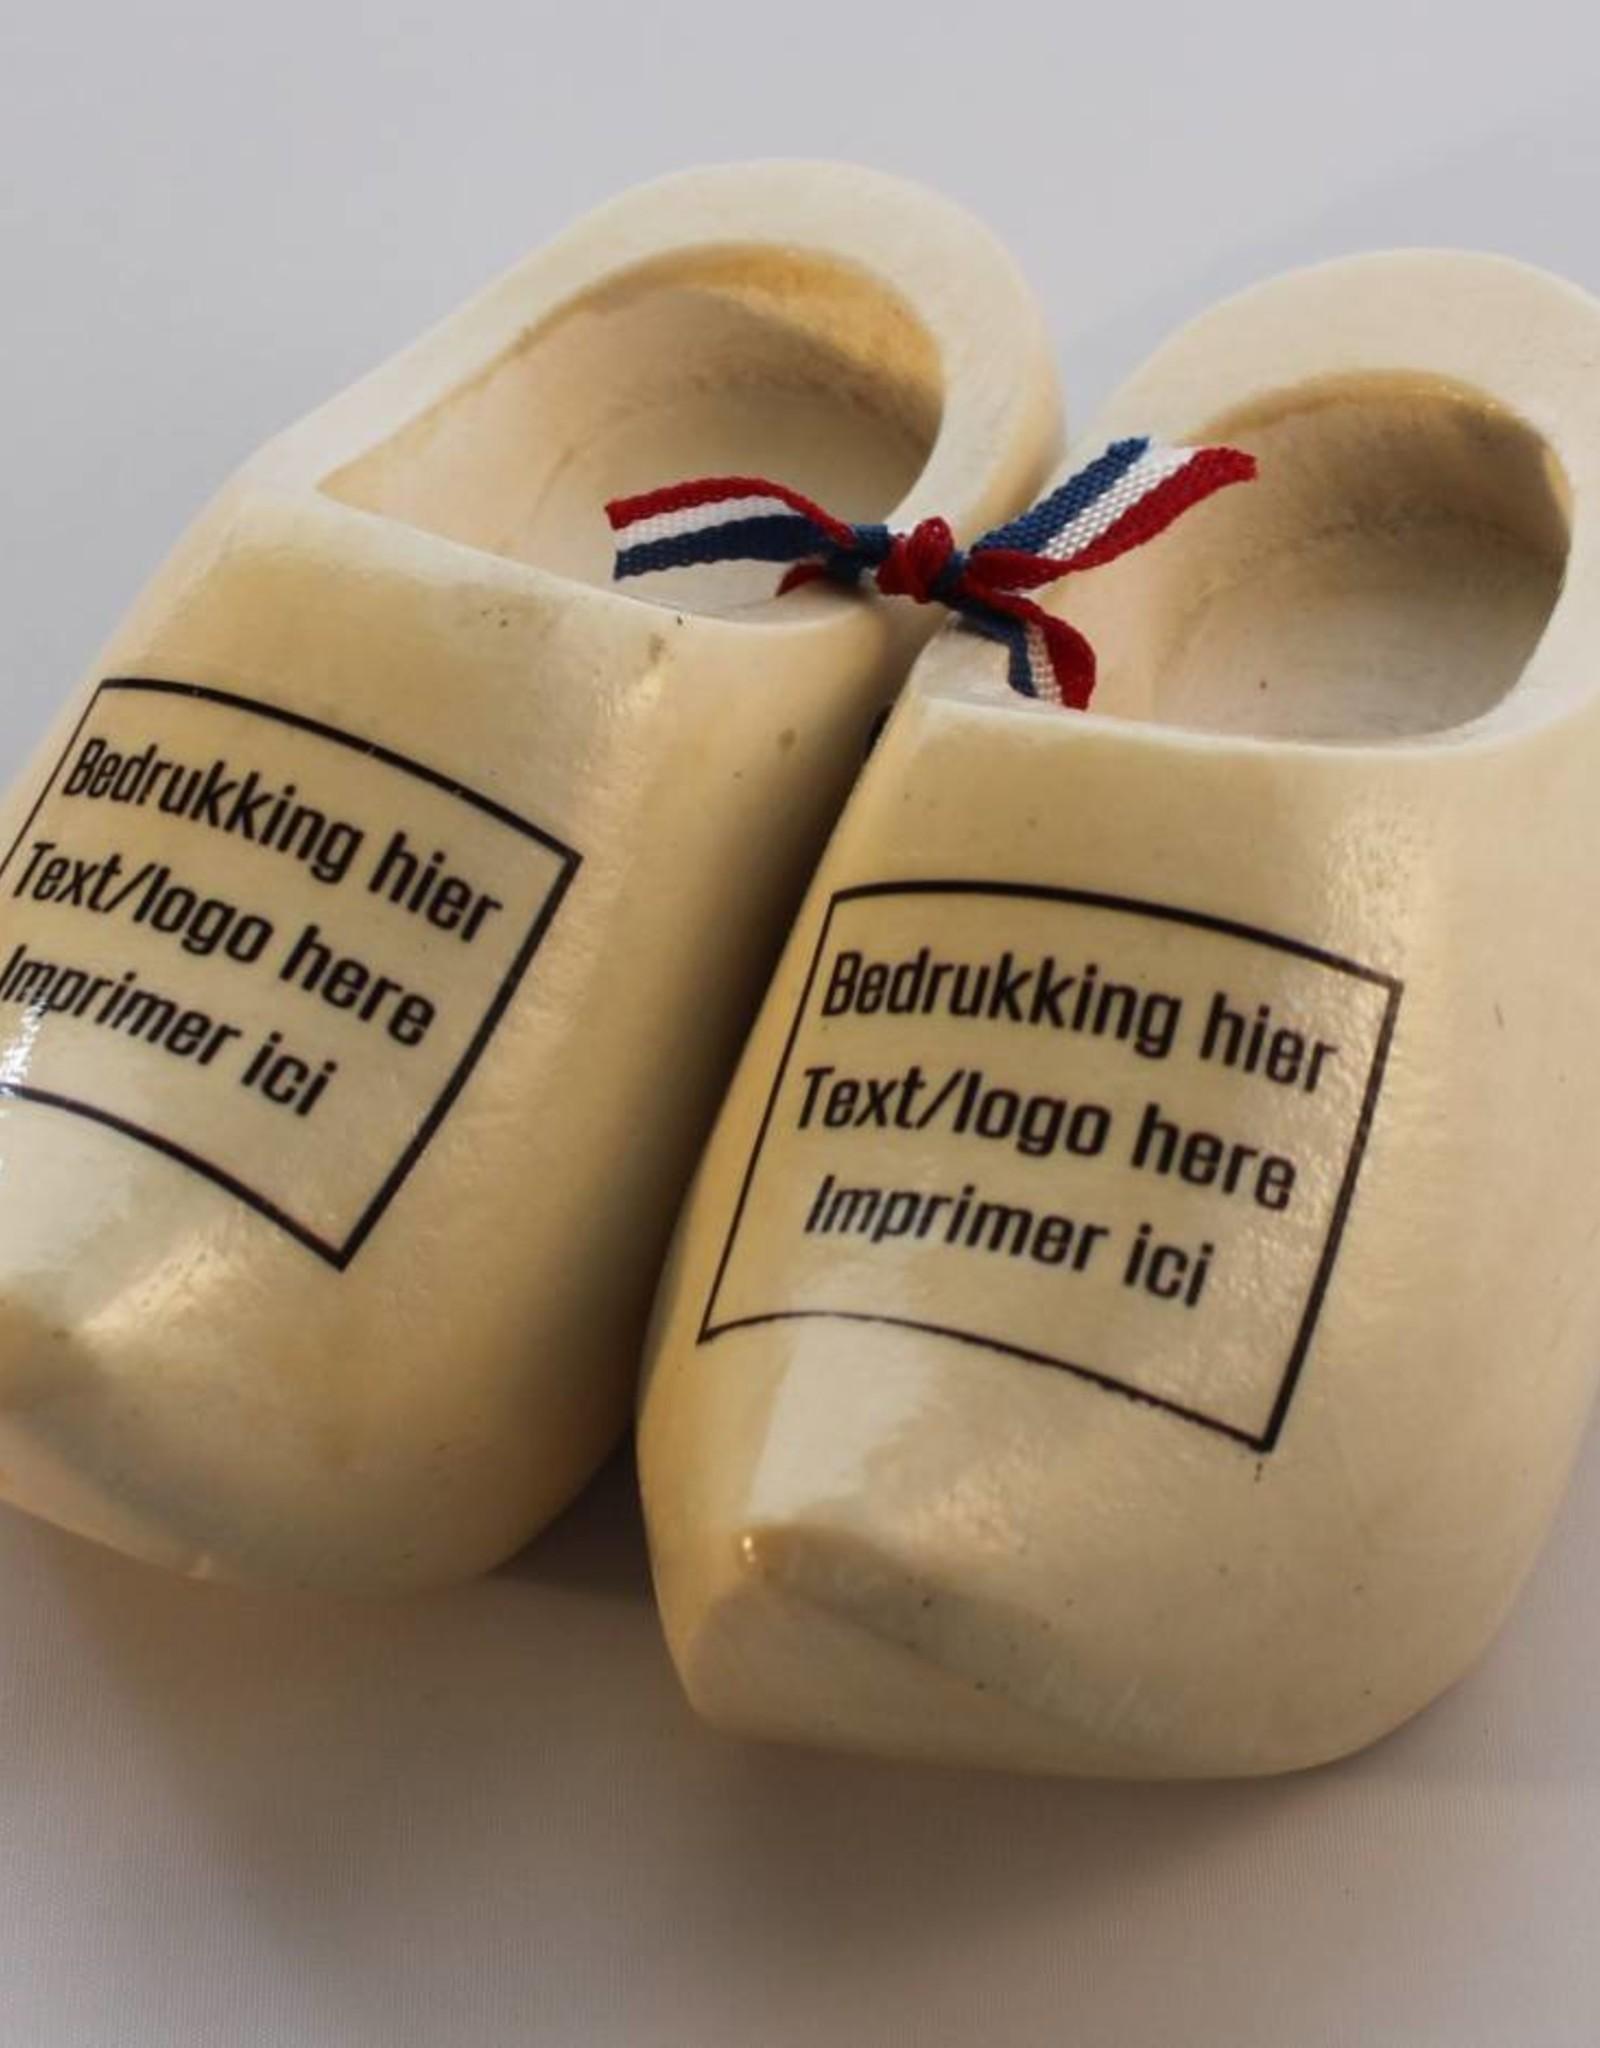 woodenshoes souvenirpair 12cm with logo